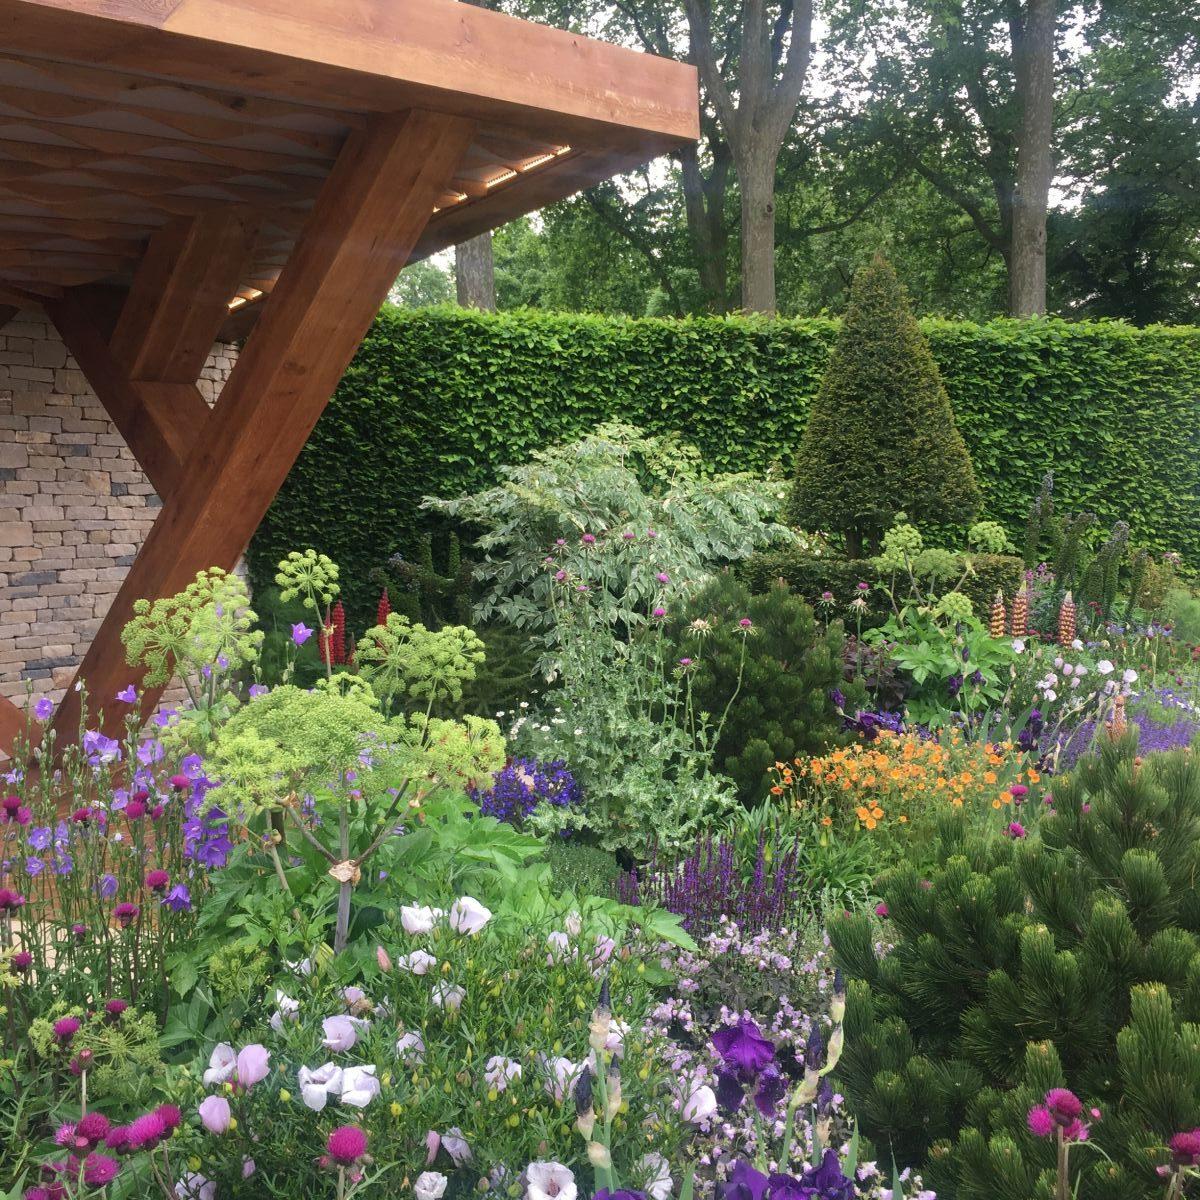 rhs chelsea flower show 2017 jack wallington garden. Black Bedroom Furniture Sets. Home Design Ideas